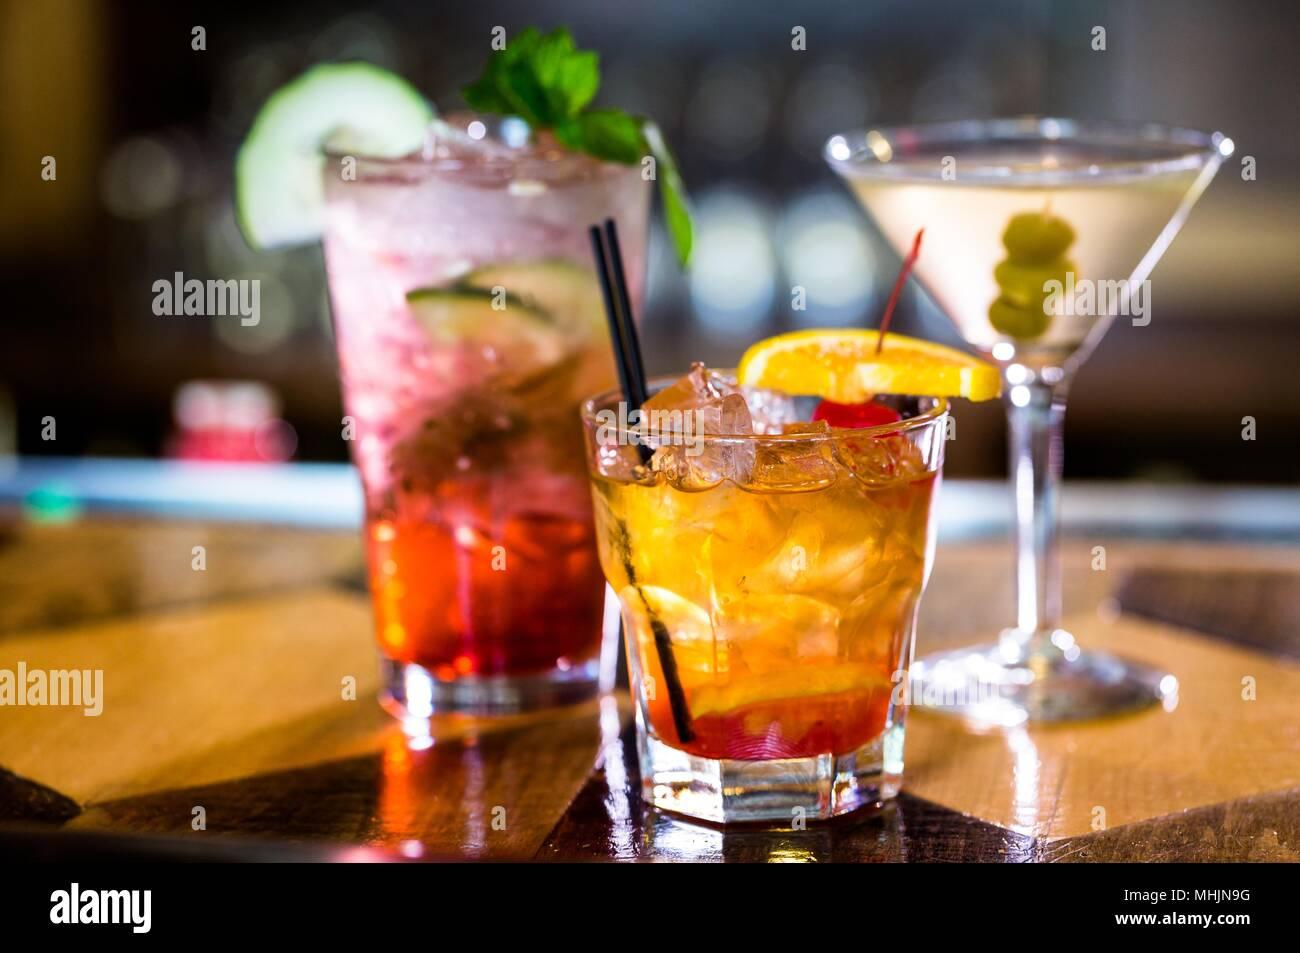 Nahaufnahme der Weingläser auf schwarzem Hintergrund Bier - Alkohol Cocktail gemischt Trinken Stockfoto